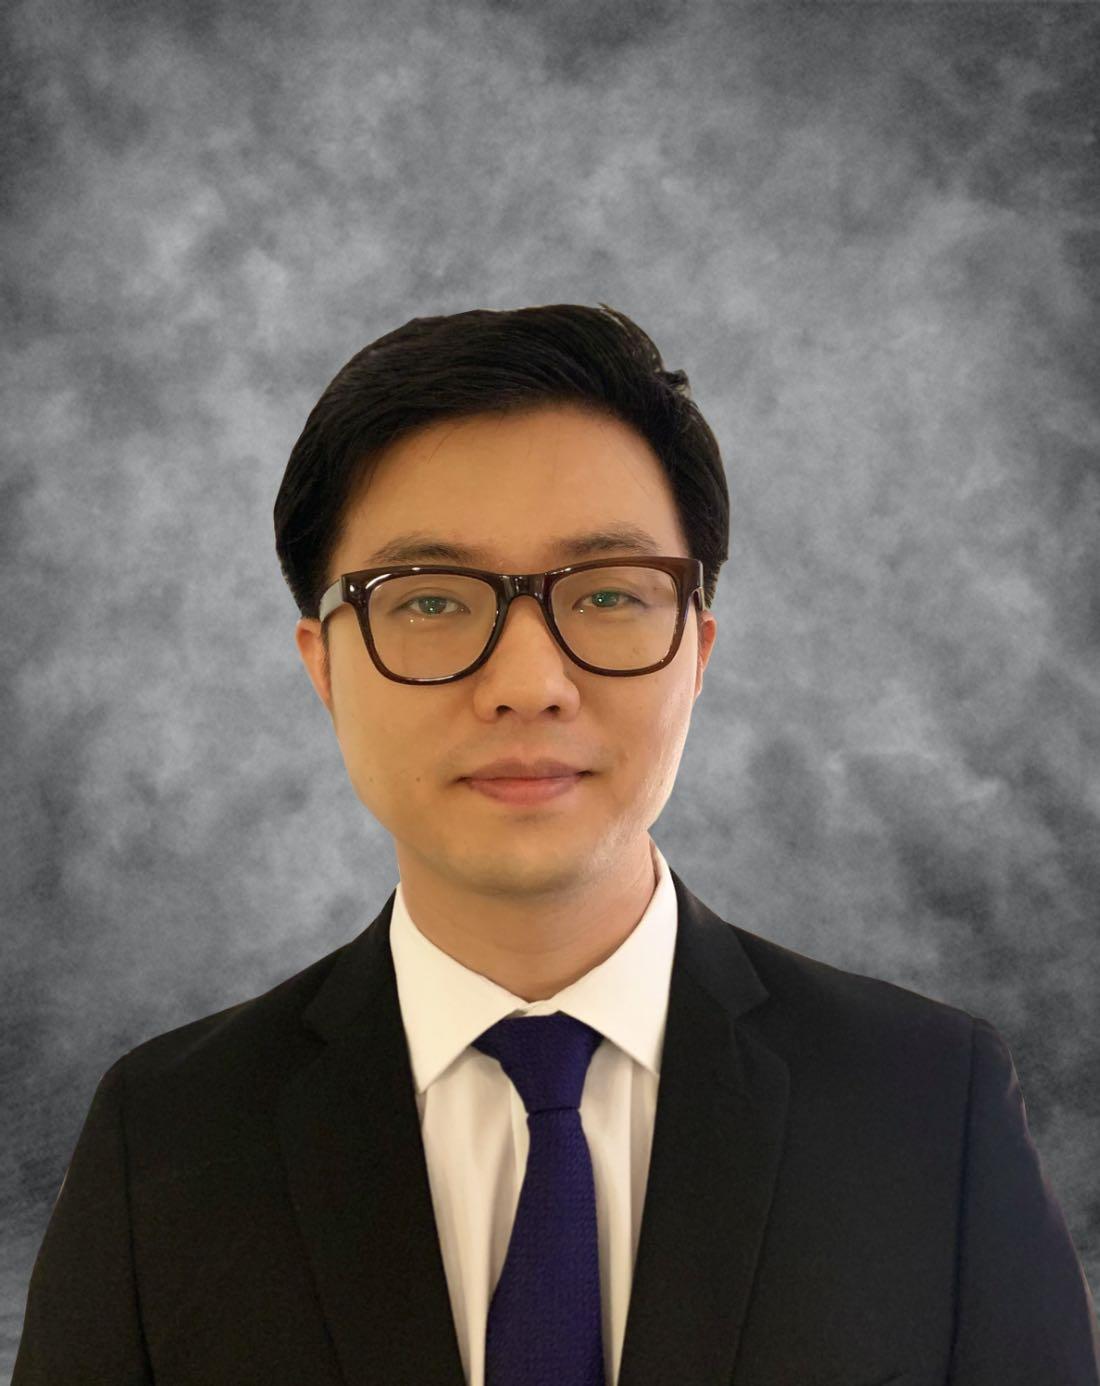 Jeongsub Choi